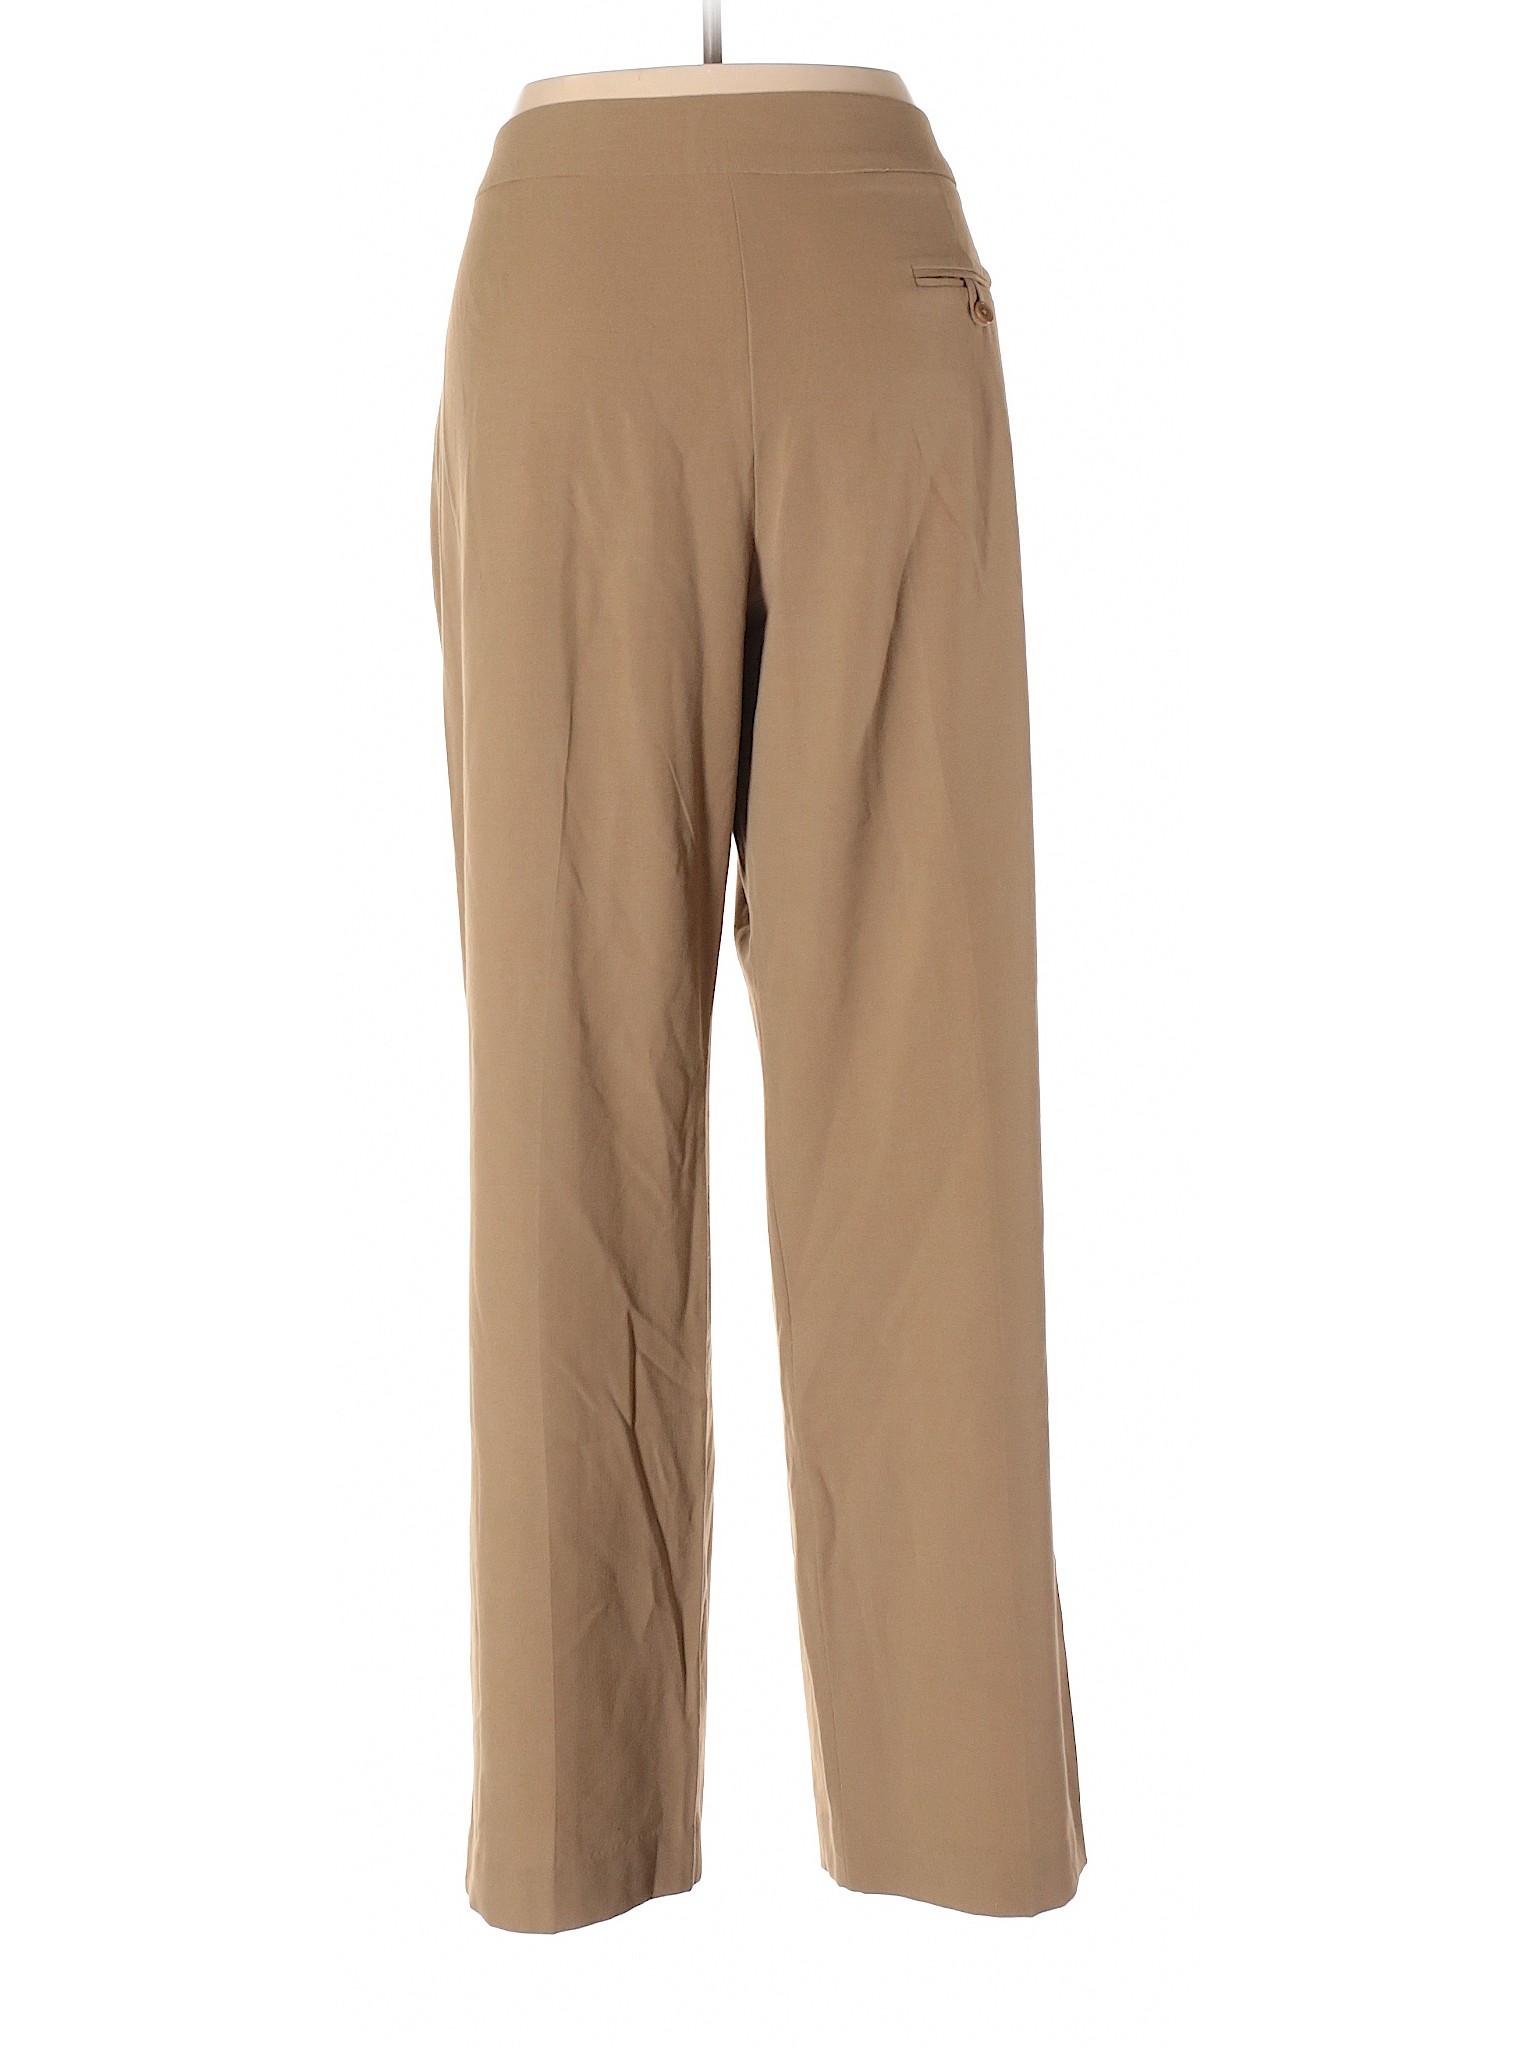 Larry Leisure Boutique Pants Levine Dress 5xSHBUq